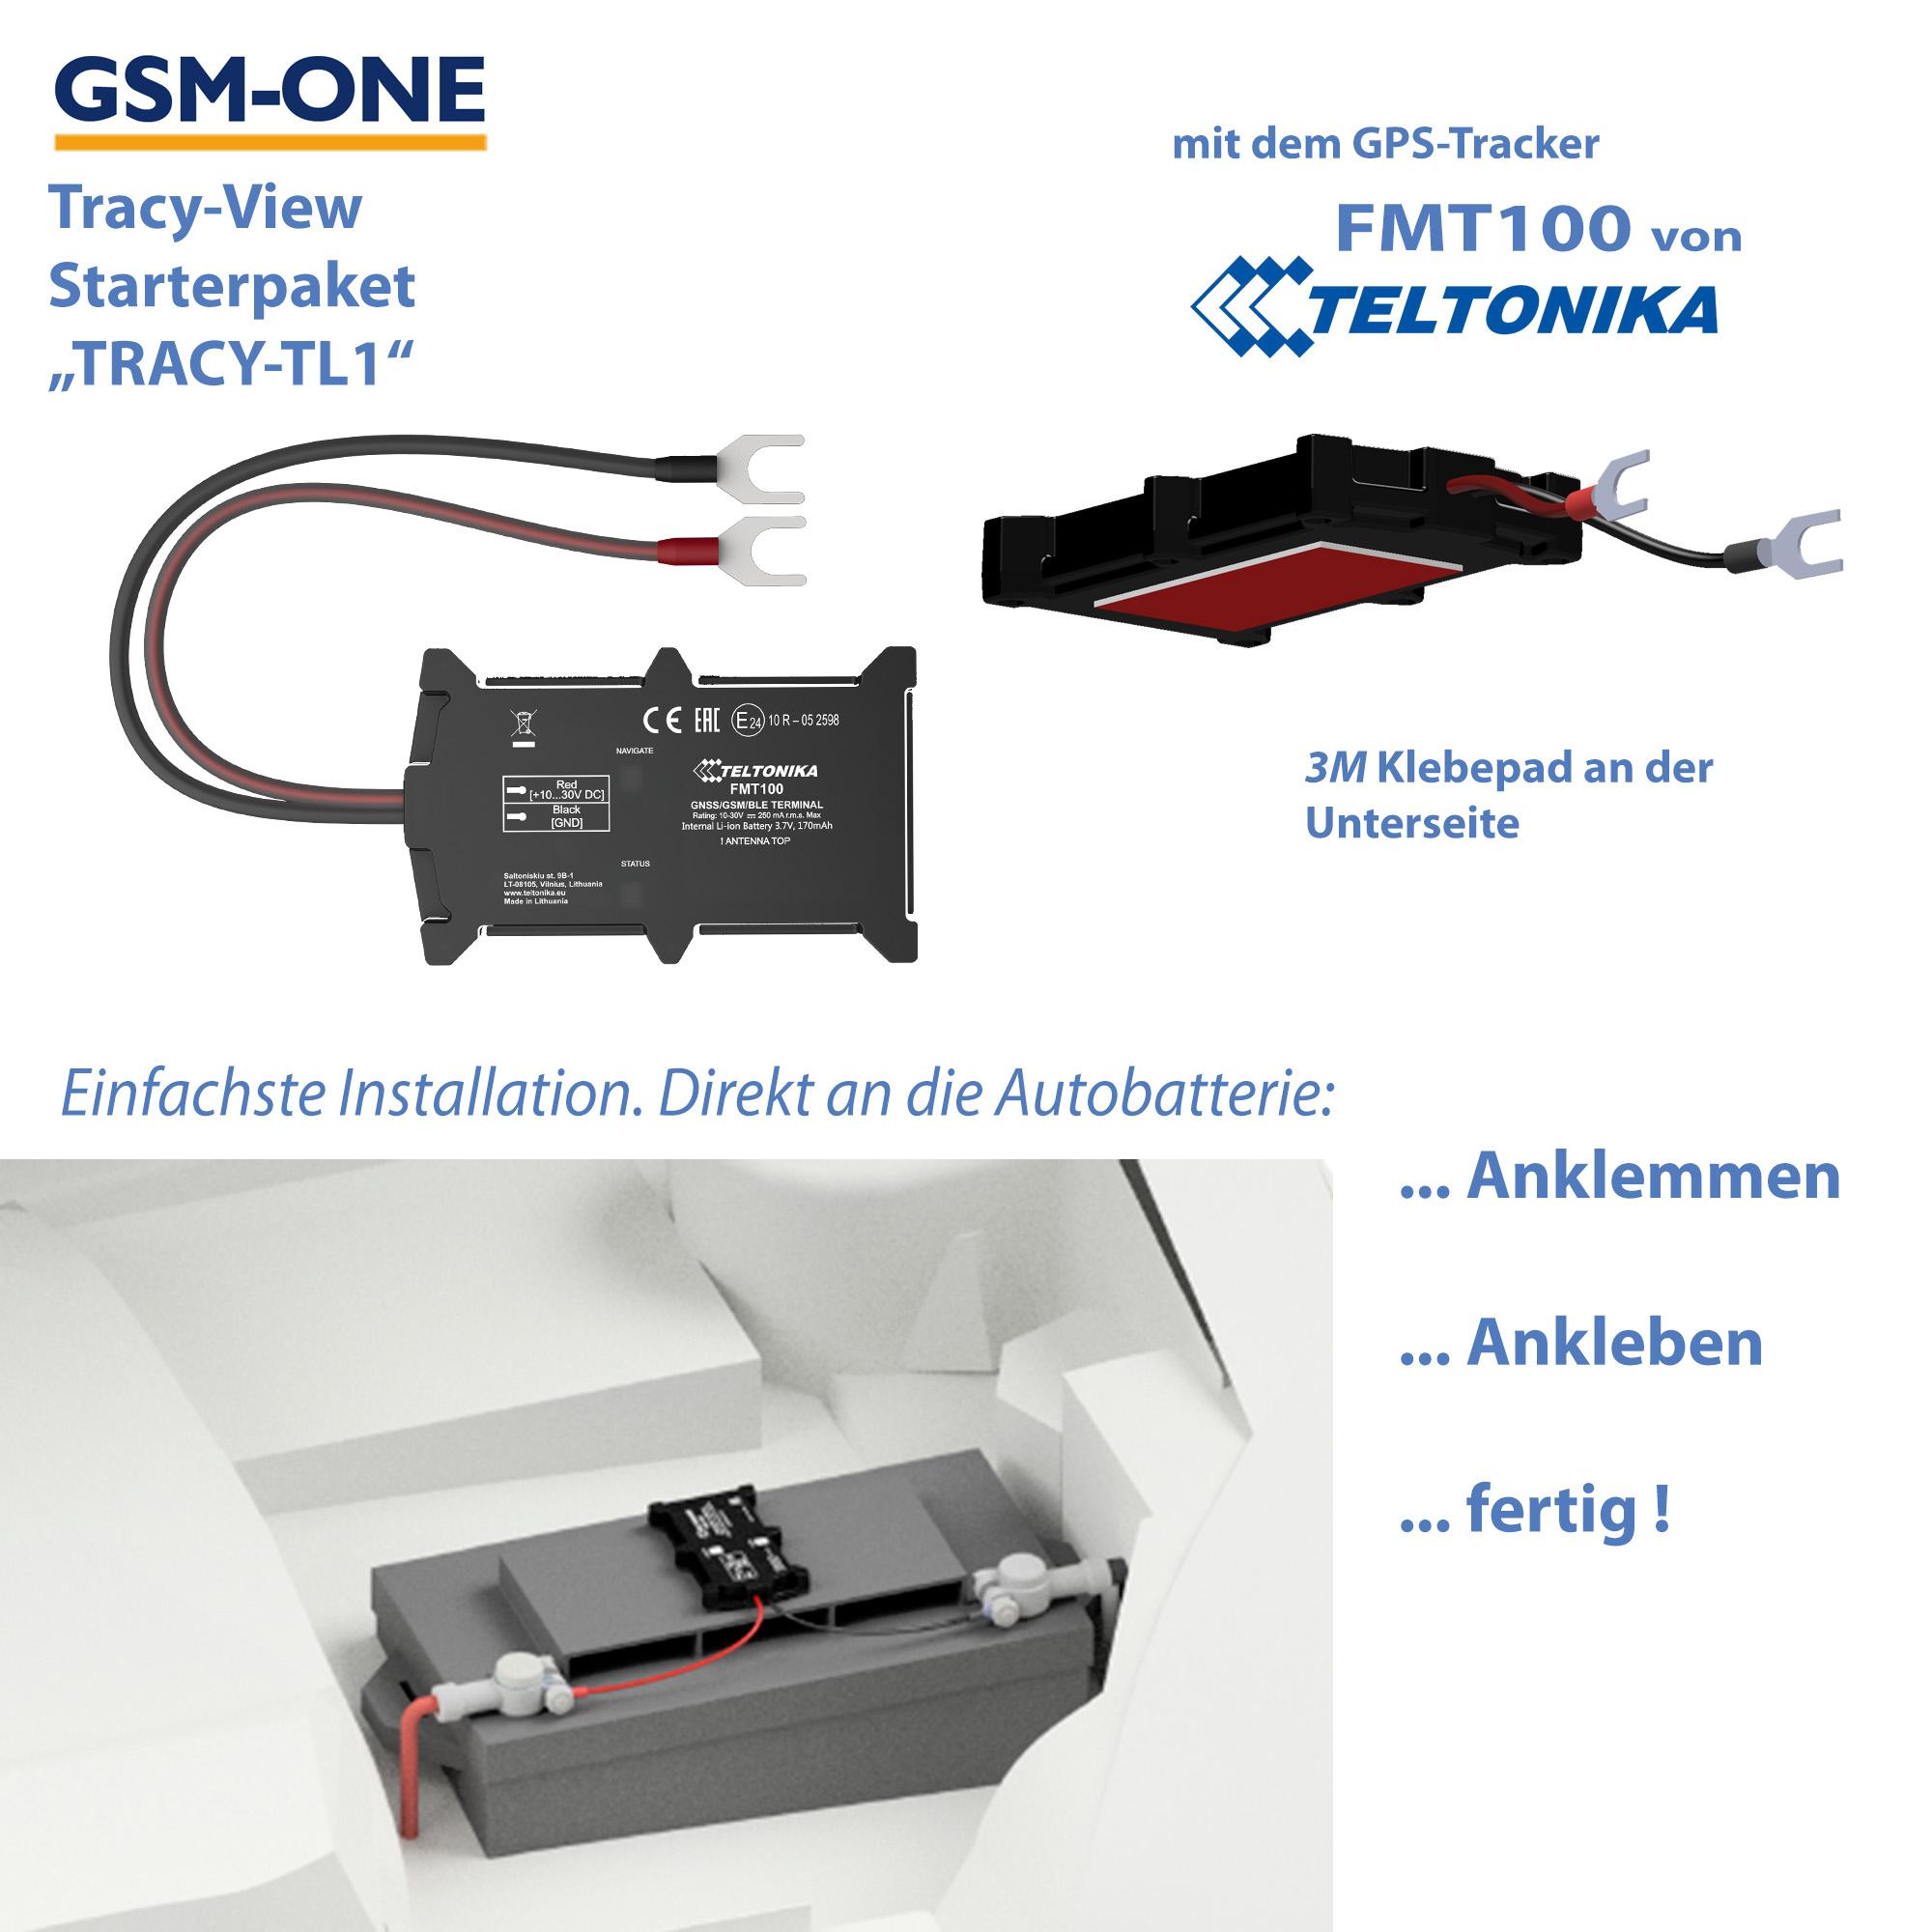 TRACY-TL1 Sofortstartpaket mit TELTONIKA FMT100